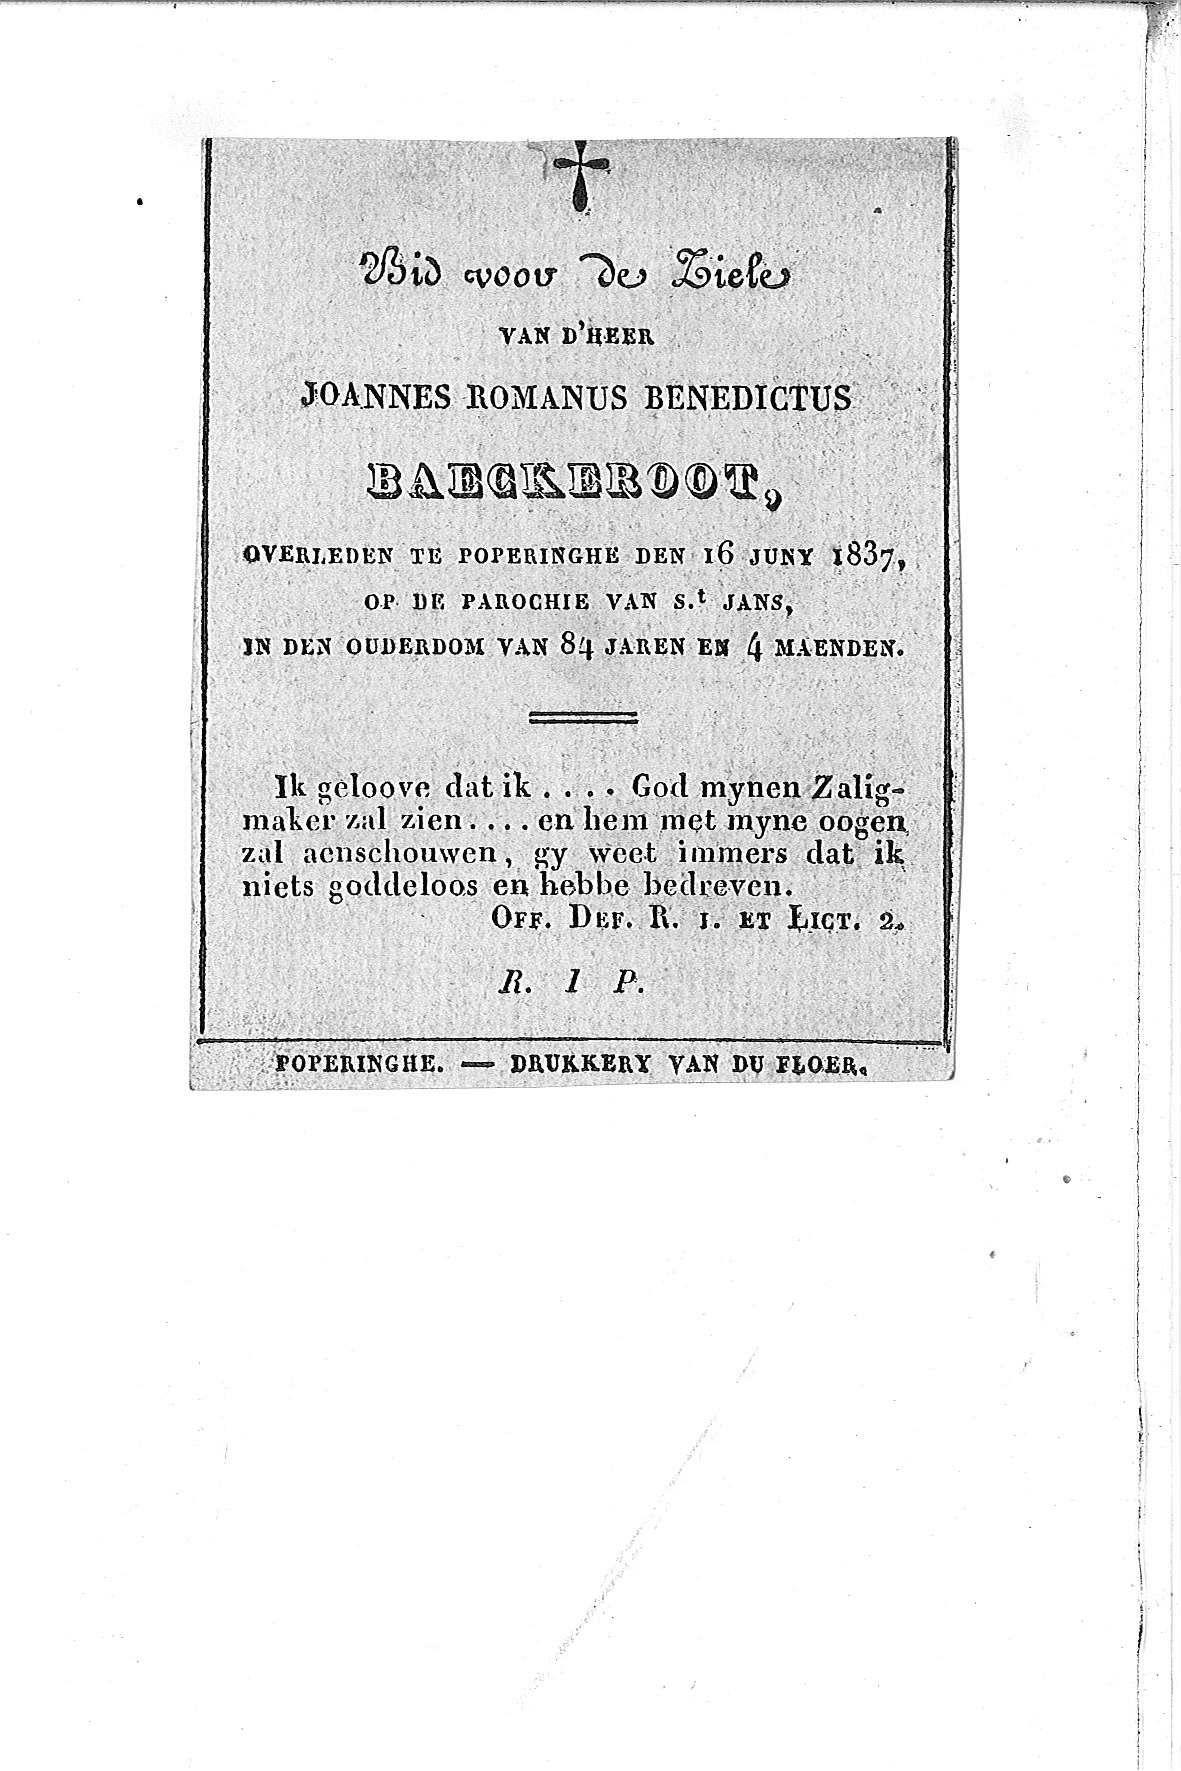 Joannes-Romanus-Benedictus(1837)20100928085030_00021.jpg